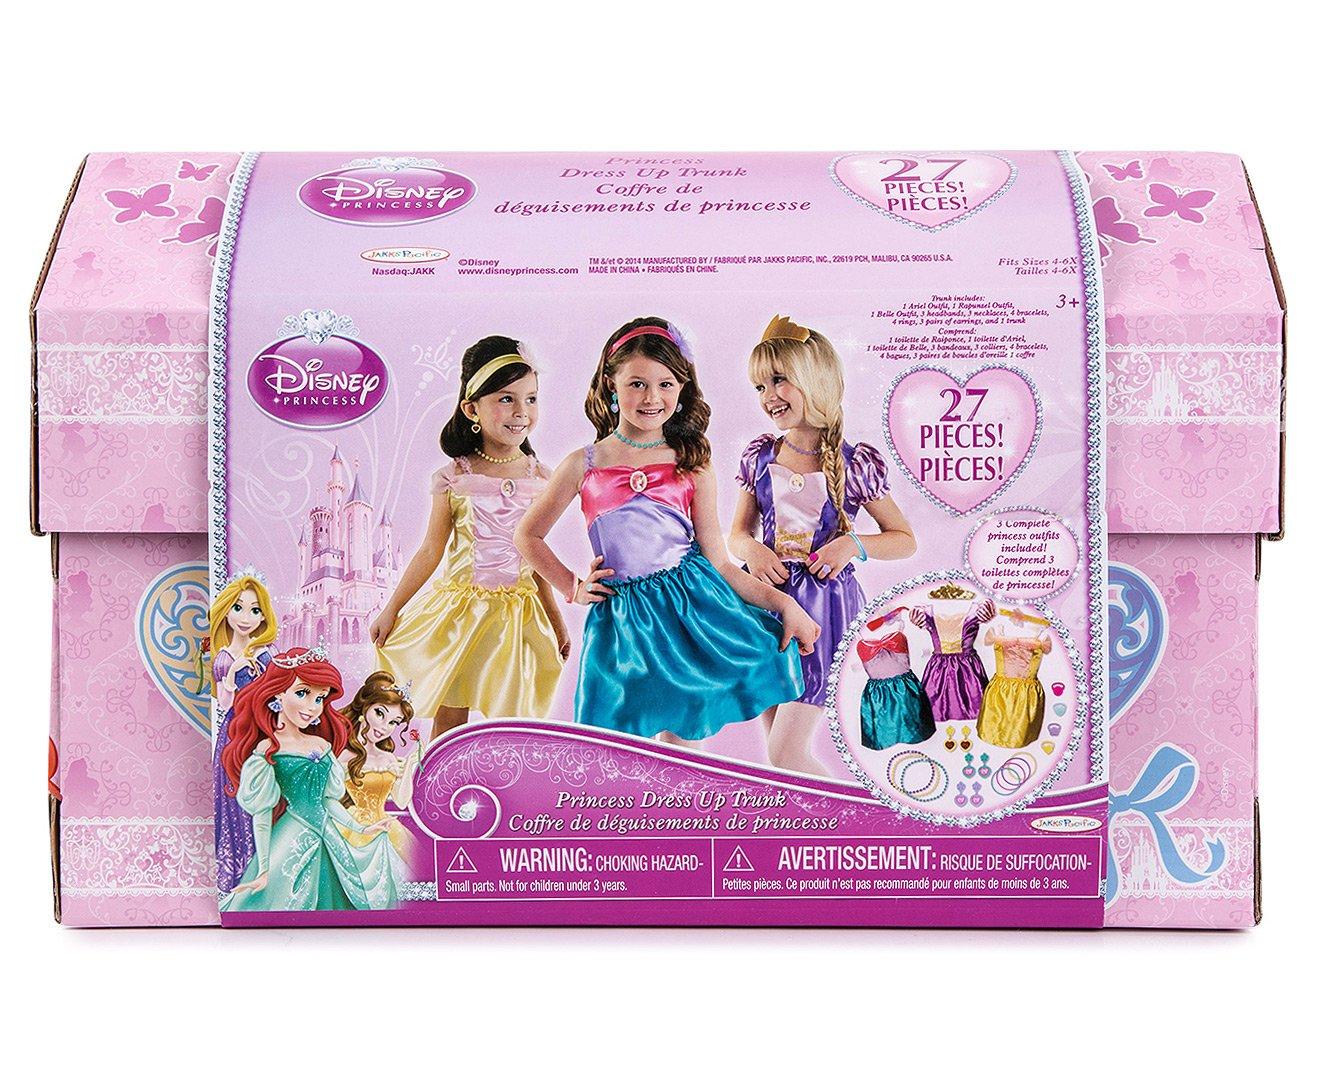 Disney Princess 27 Piece Dress Up Trunk - Ariel, Rapunzel, & Belle